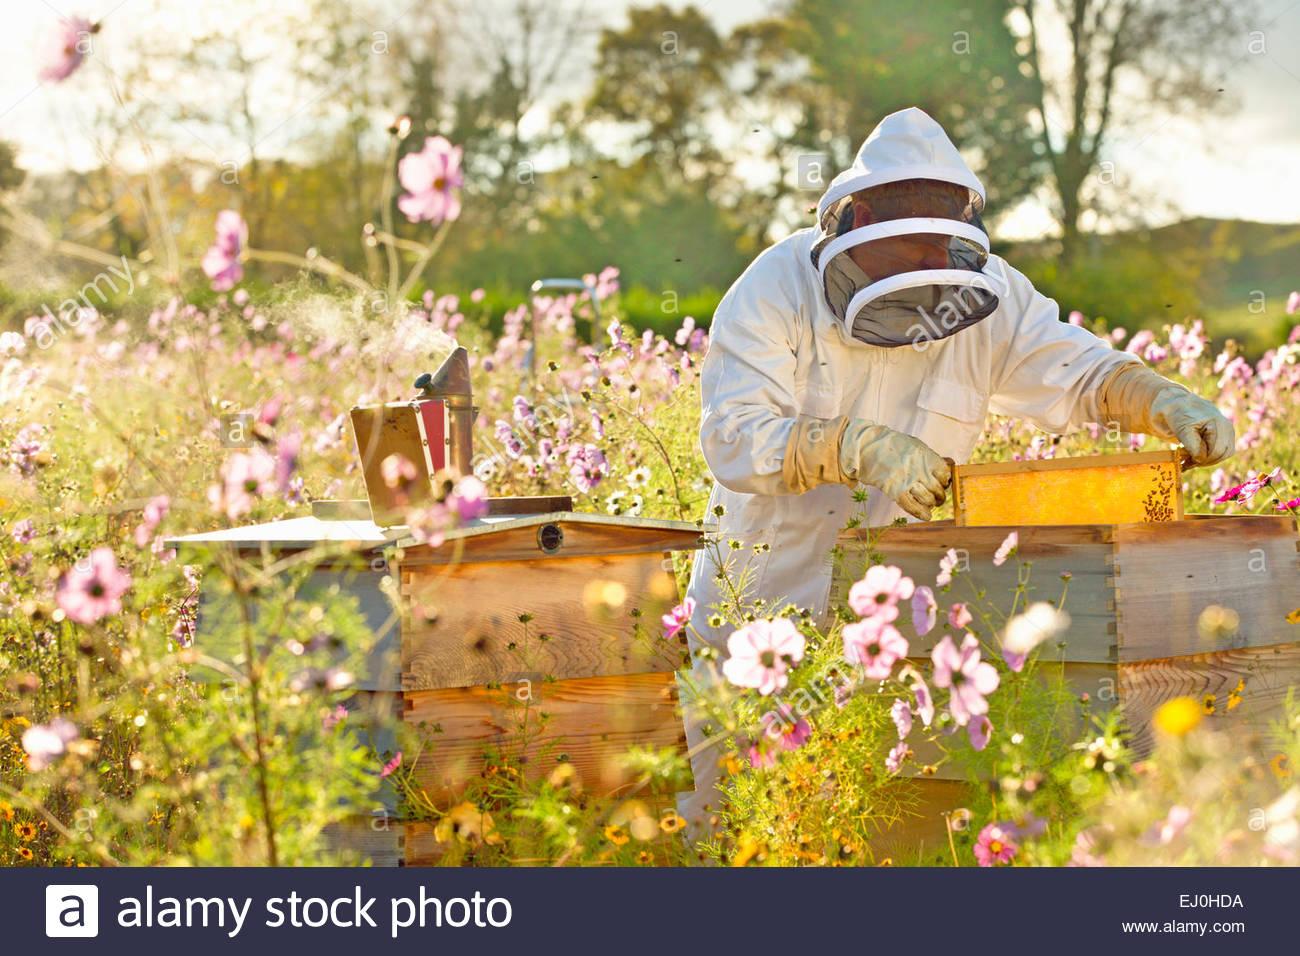 El apicultor extrae el bastidor del panal en el campo lleno de flores Imagen De Stock